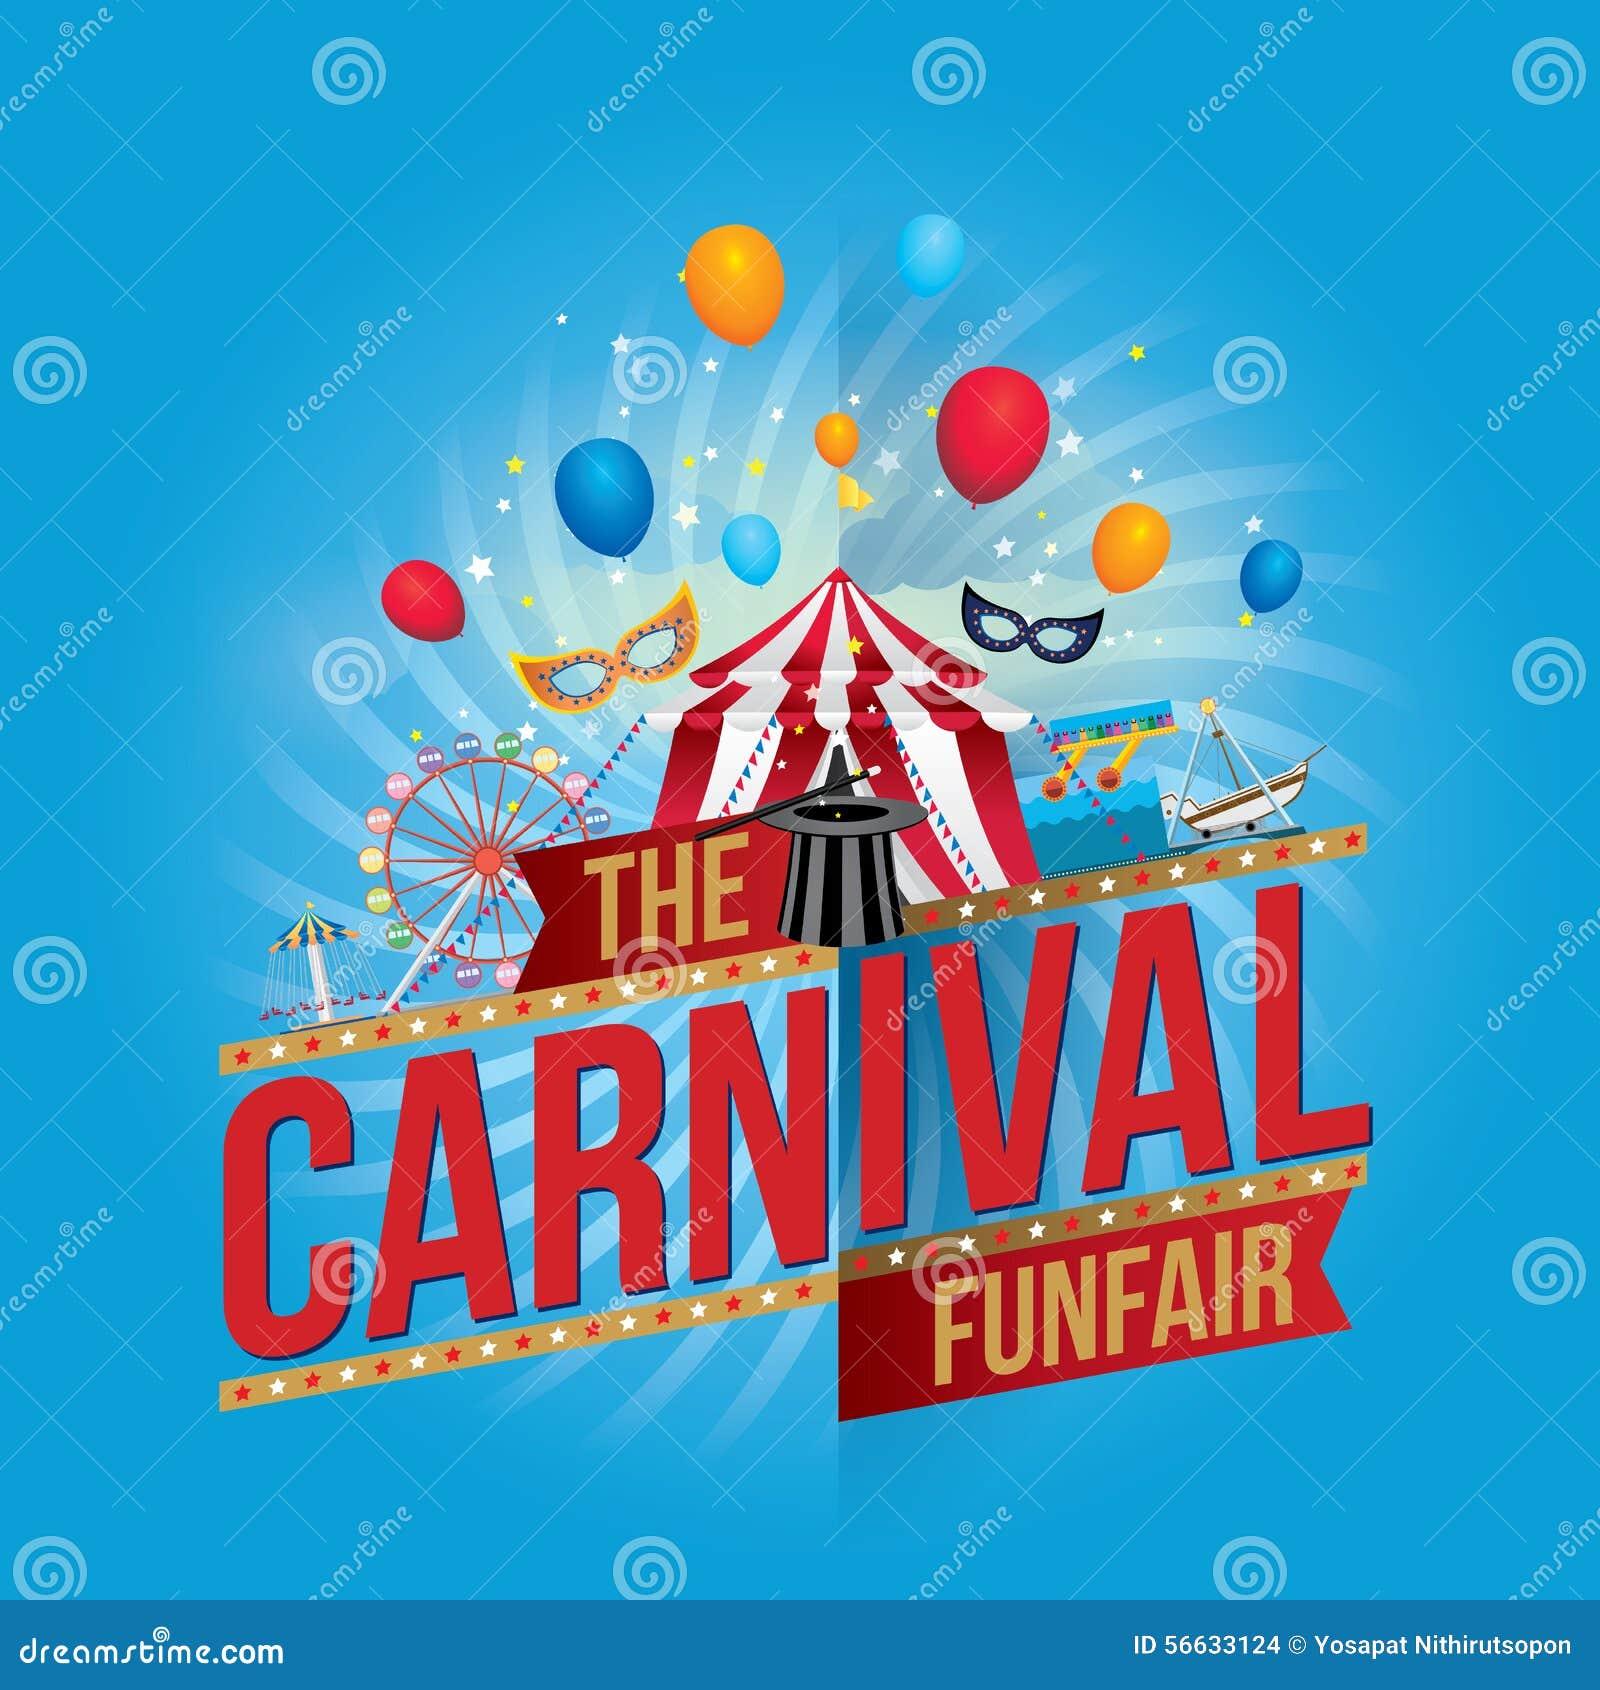 Carnaval y funfair